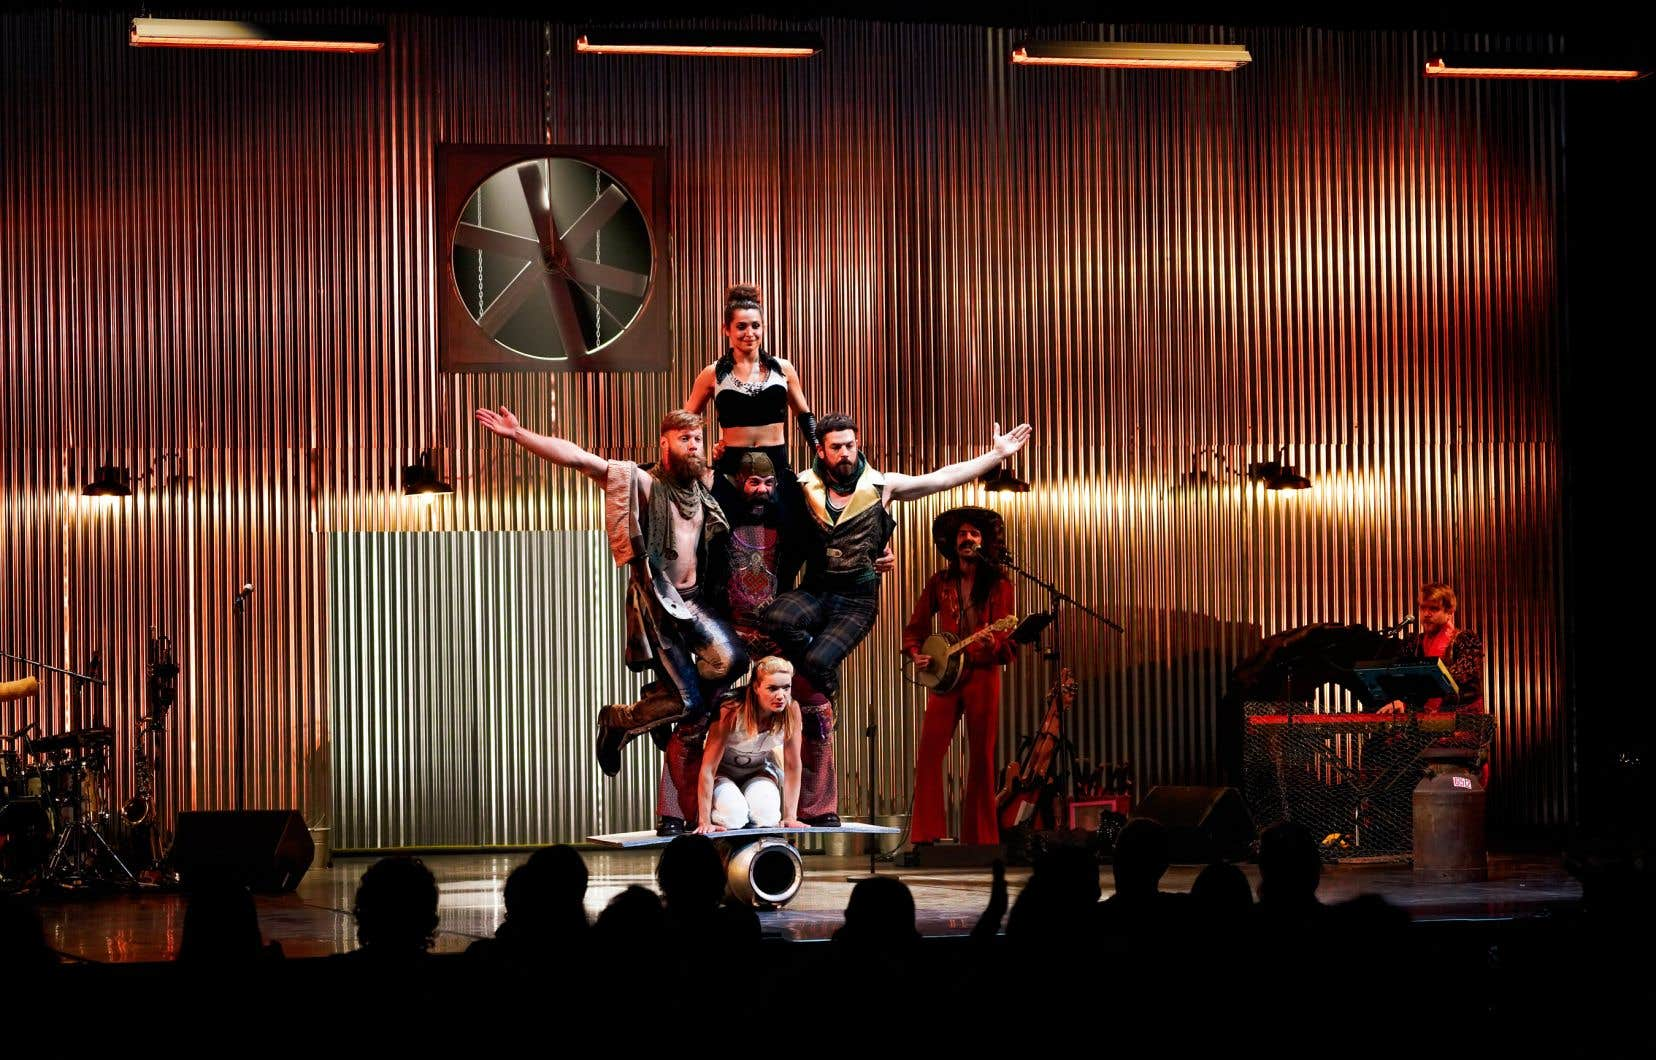 Le spectacle multidisciplinaire «Animal» transporte Montréal dans un imaginaire rural qui revisite l'histoire, tout en se réinventant à coups d'acrobaties.